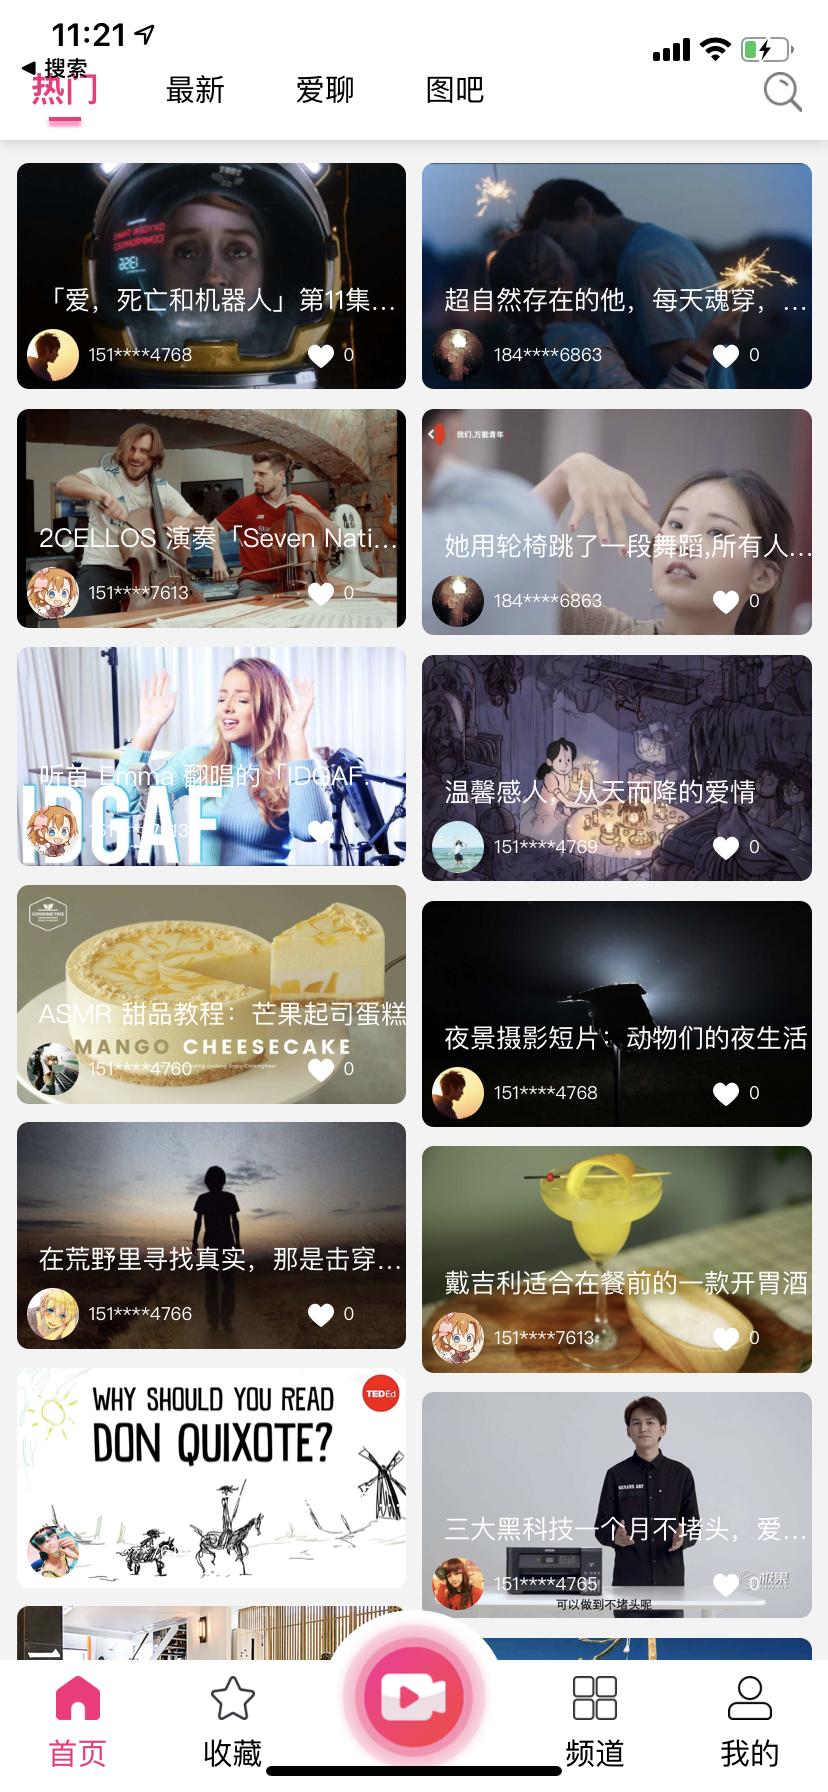 小松鼠短视频商业版源码开源下载,免费小视频完美开源源码免费下载